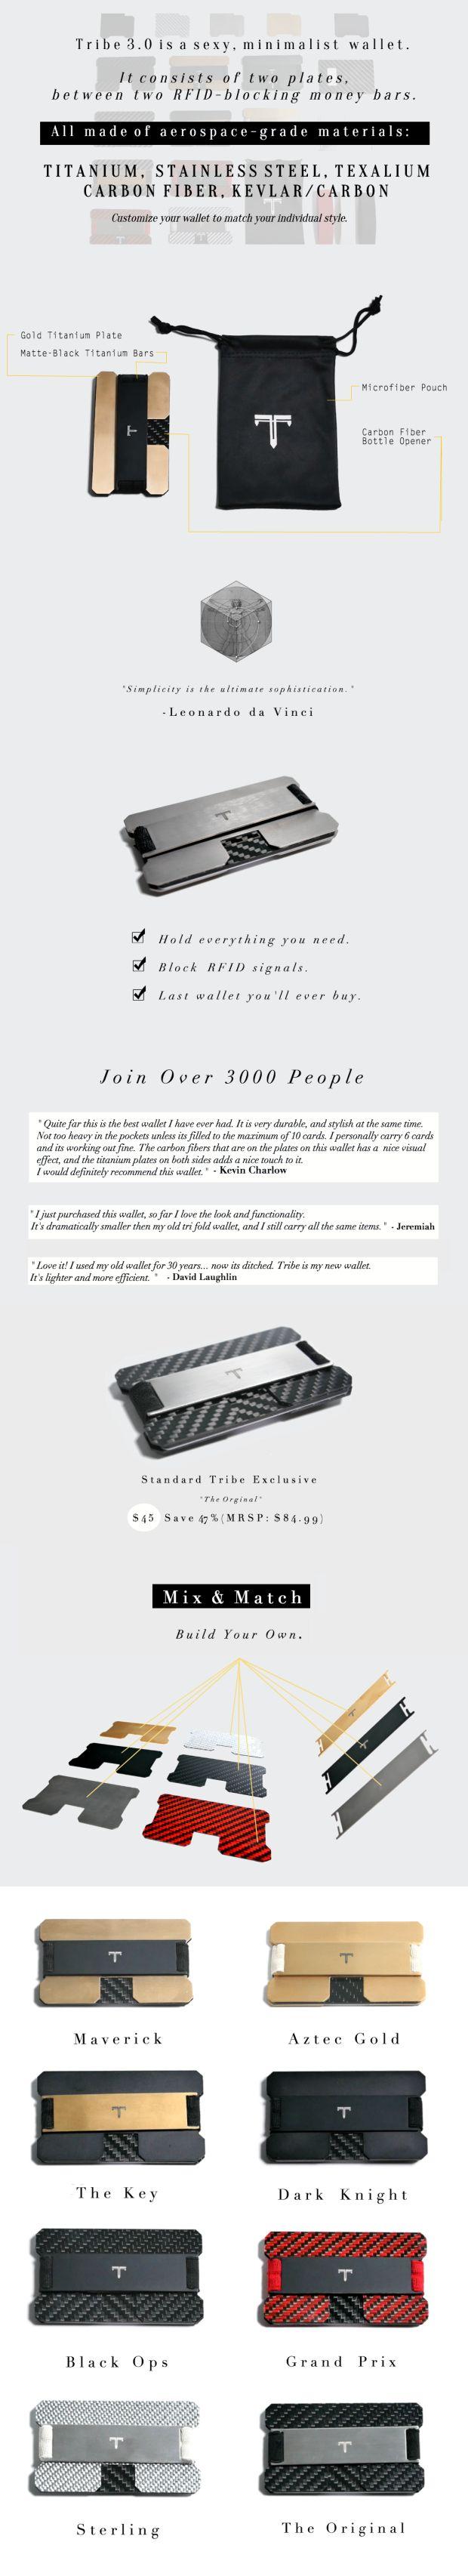 World's Best RFID Blocking Wallet. Designed for the future with Titanium, Carbon Fiber, and Kevlar. | Crowdfunding es una manera democrática de apoyar las necesidades de recaudación de fondos de tu comunidad. Haz una contribución hoy.